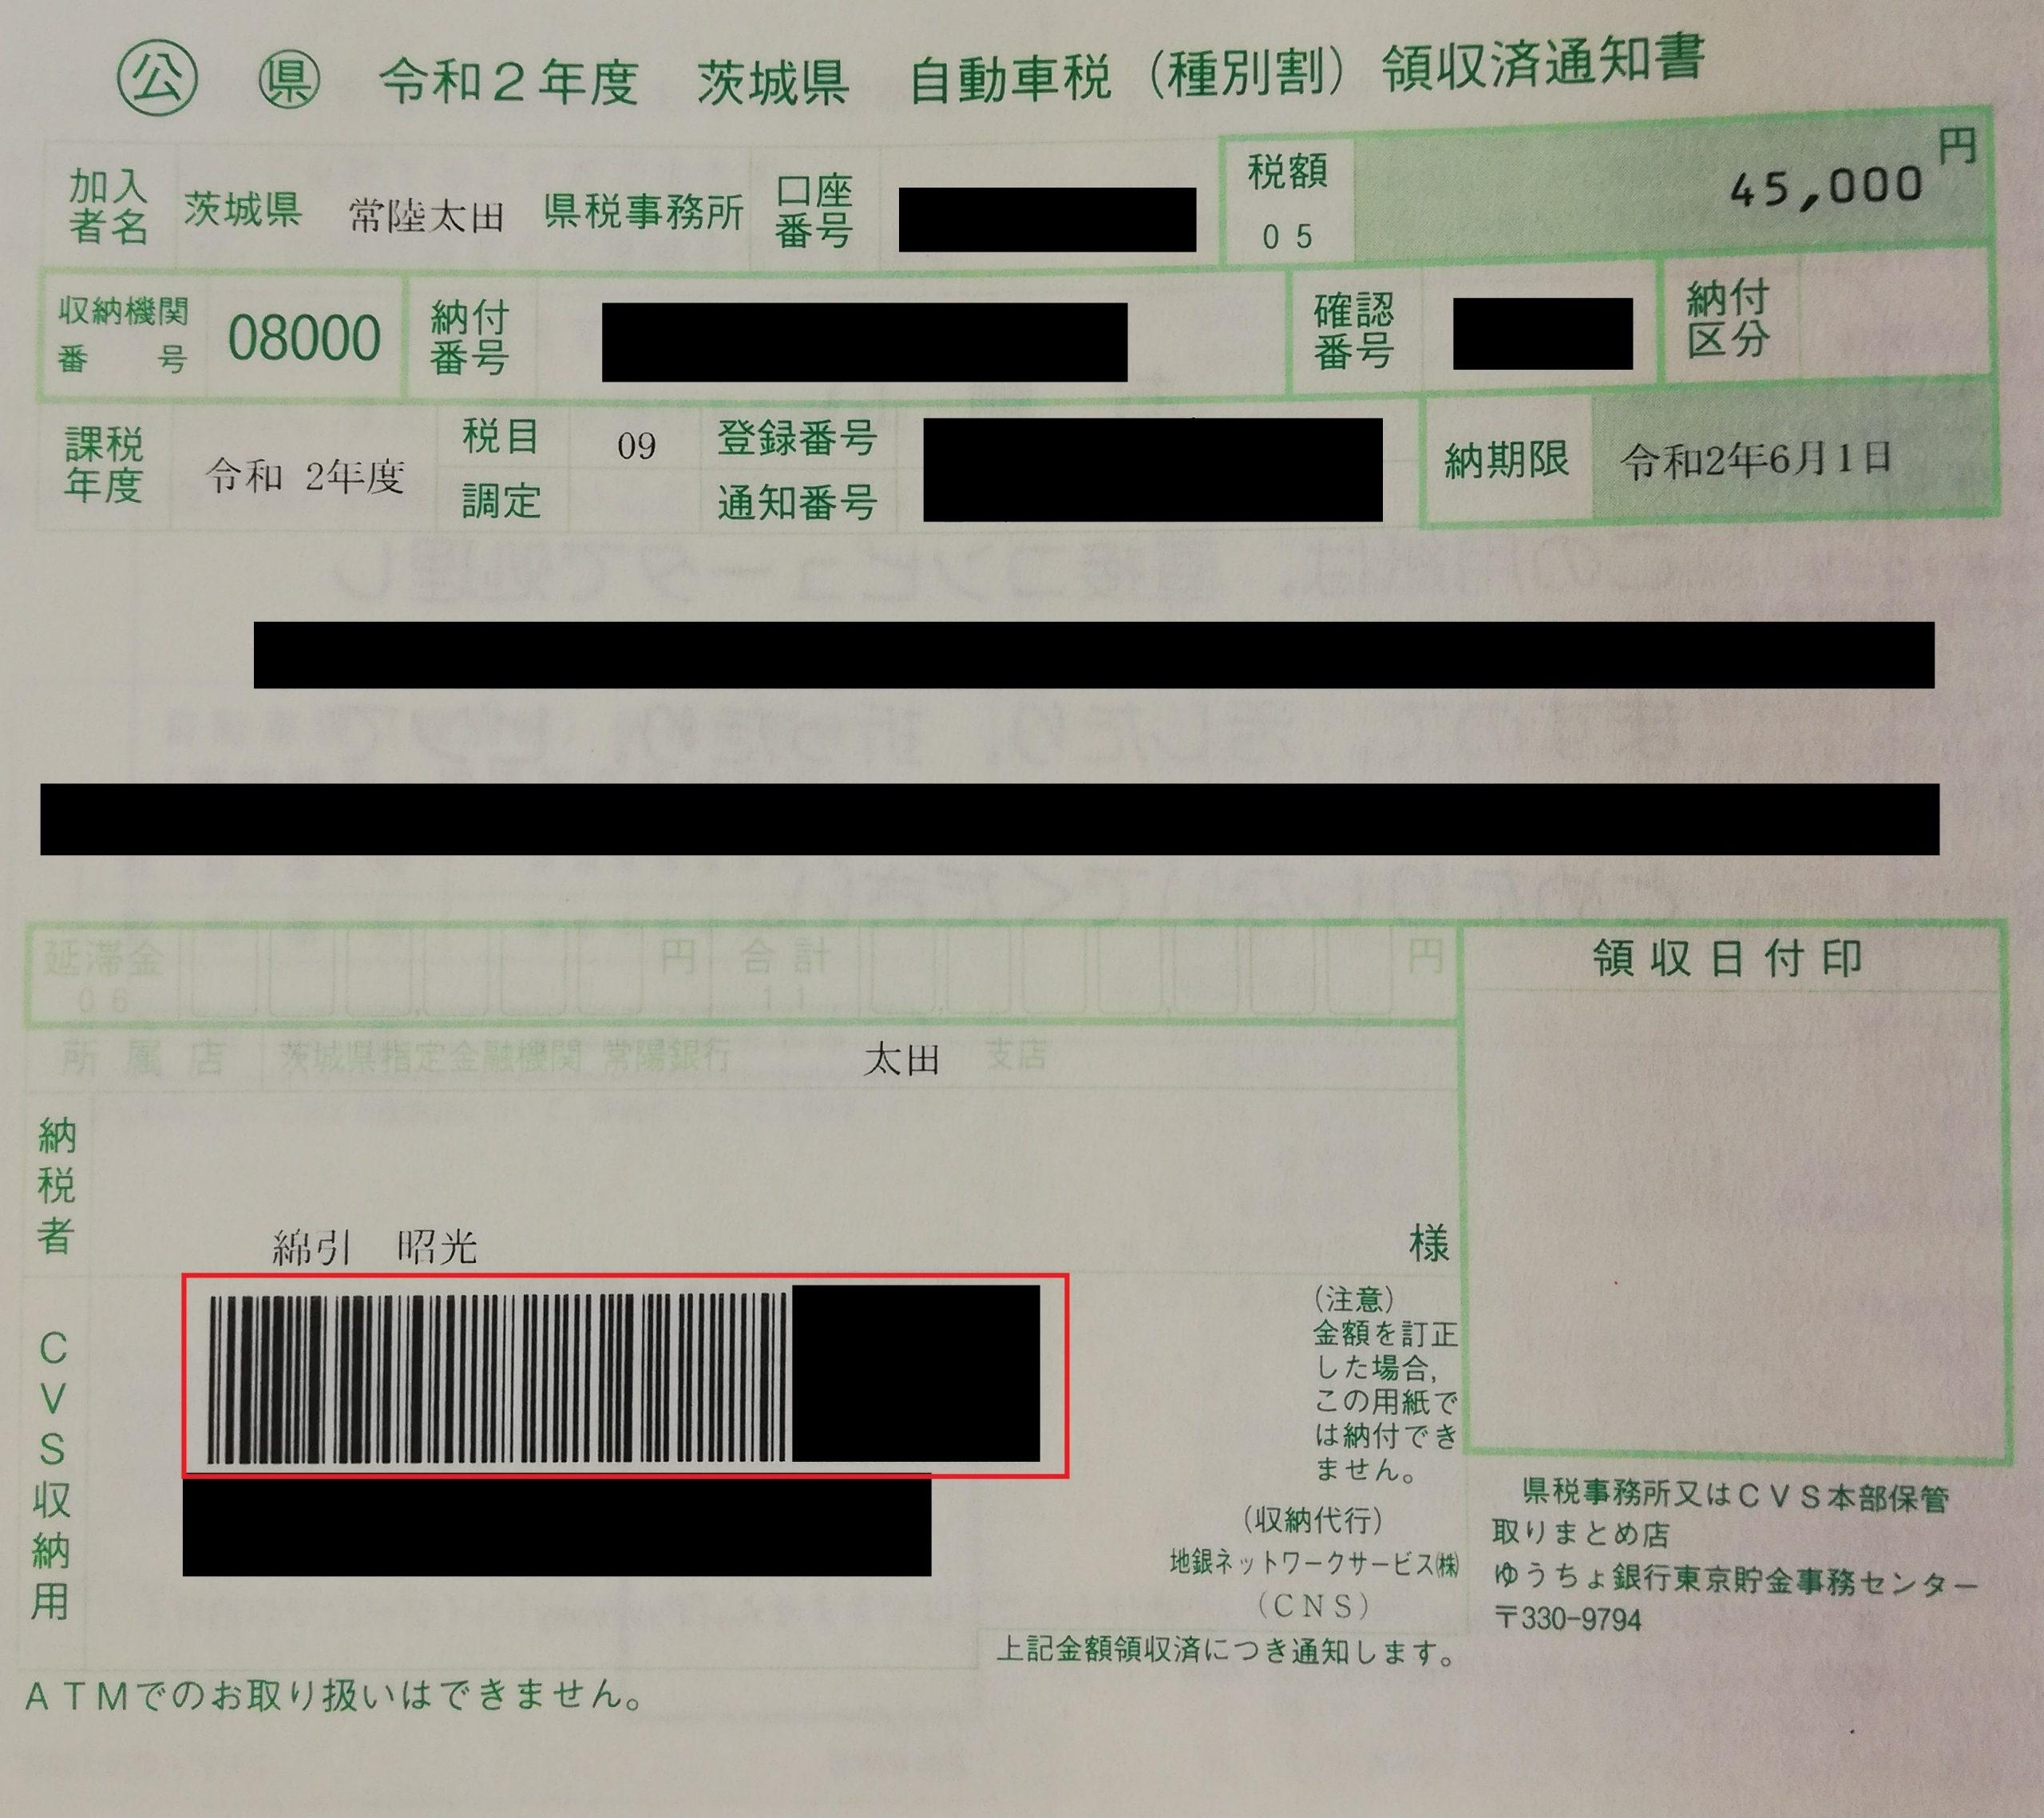 納税 証明 書 車検